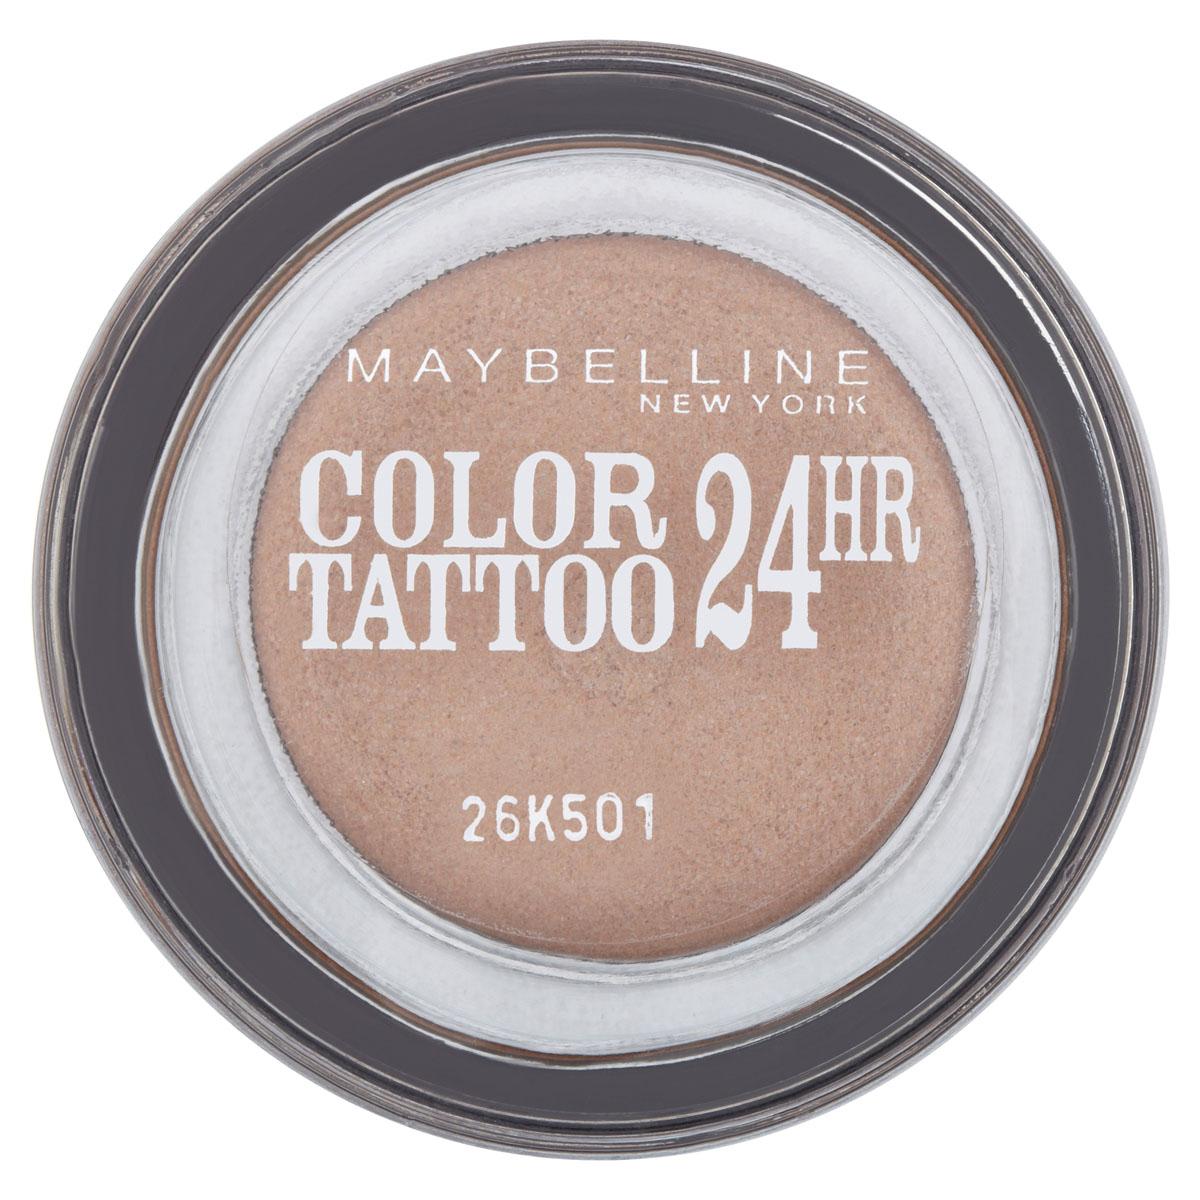 Maybelline New York Тени для век Color Tattoo 24 часа, оттенок 35, Бронзовый рай, 4 млSatin Hair 7 BR730MNТехнология тату-пигментов создает яркий, супернасыщенный цвет. Крем-гелевая текстура обеспечивает ультралегкое нанесение и стойкость на 24 часа.12 оттенков